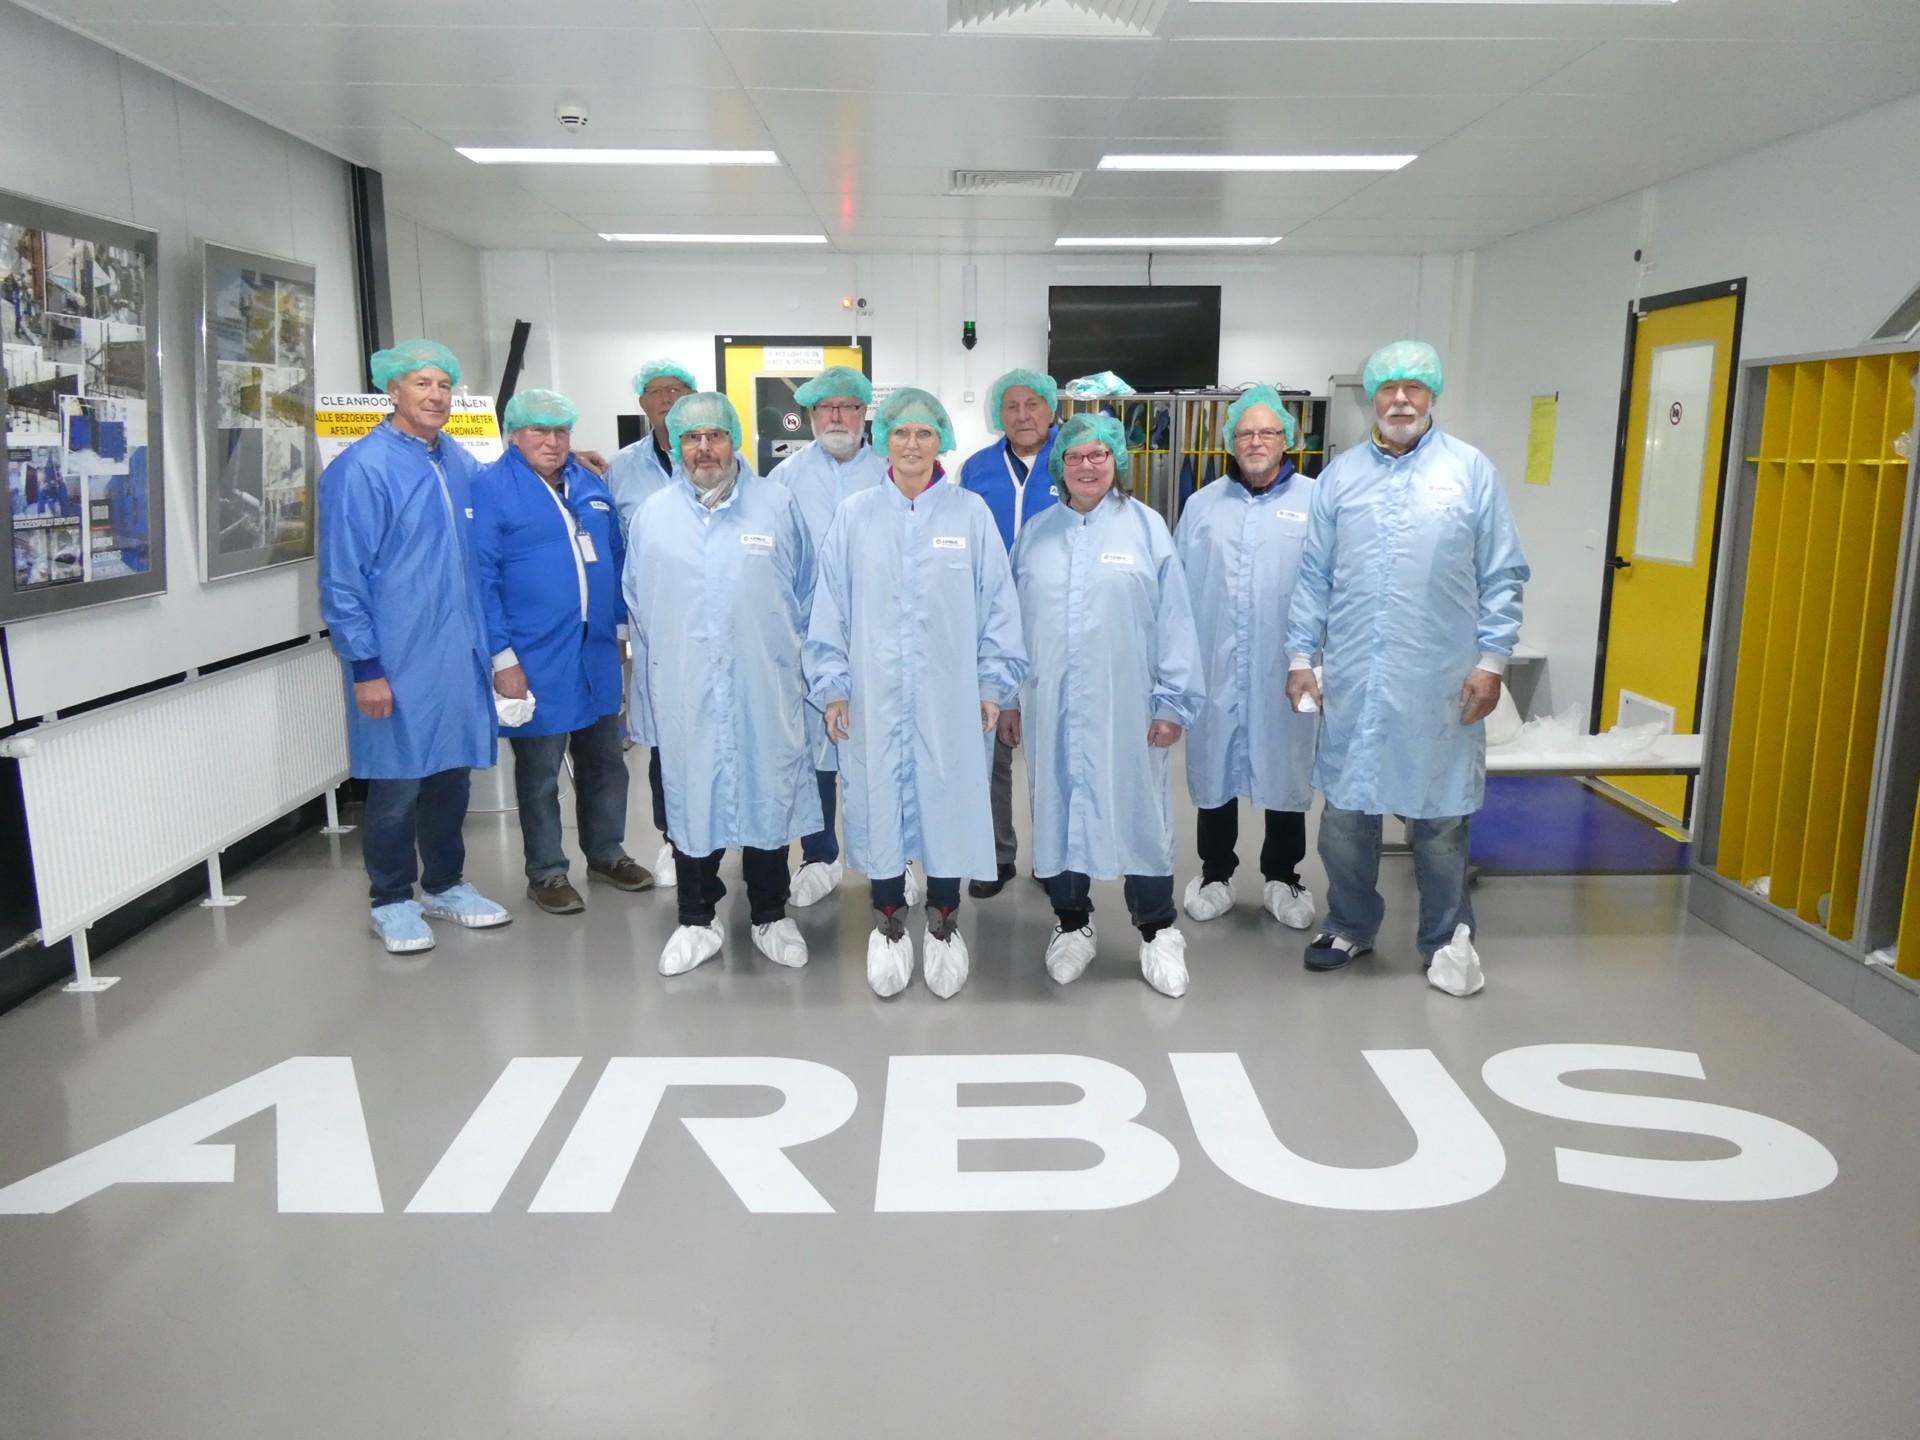 Teilnehmer der Besichtigung der Airbus-Abteilung DS